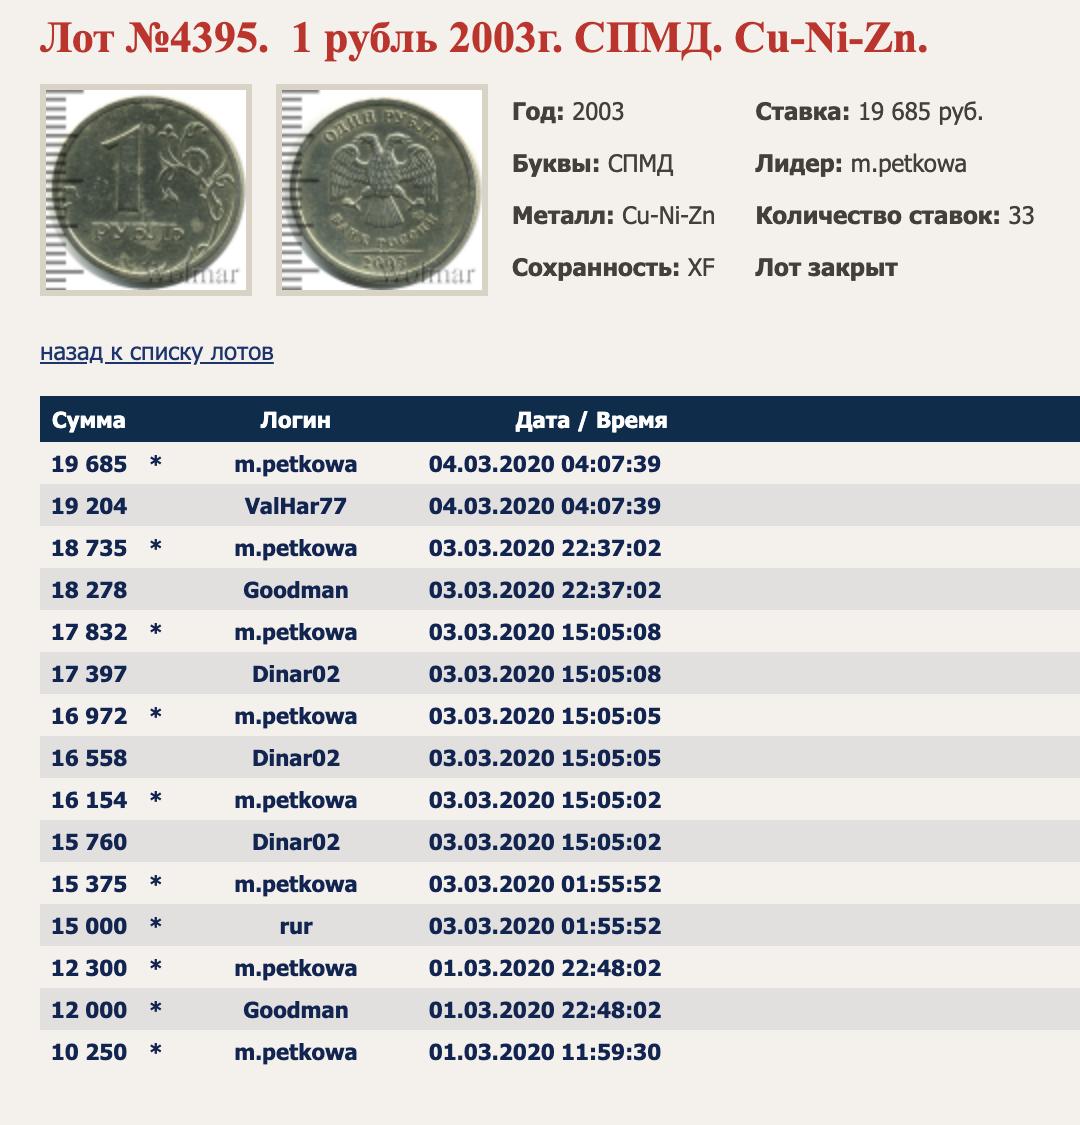 На аукционе «Волмар» есть поиск посписку лотов. Можно найти, засколько там продавали ту или иную монету